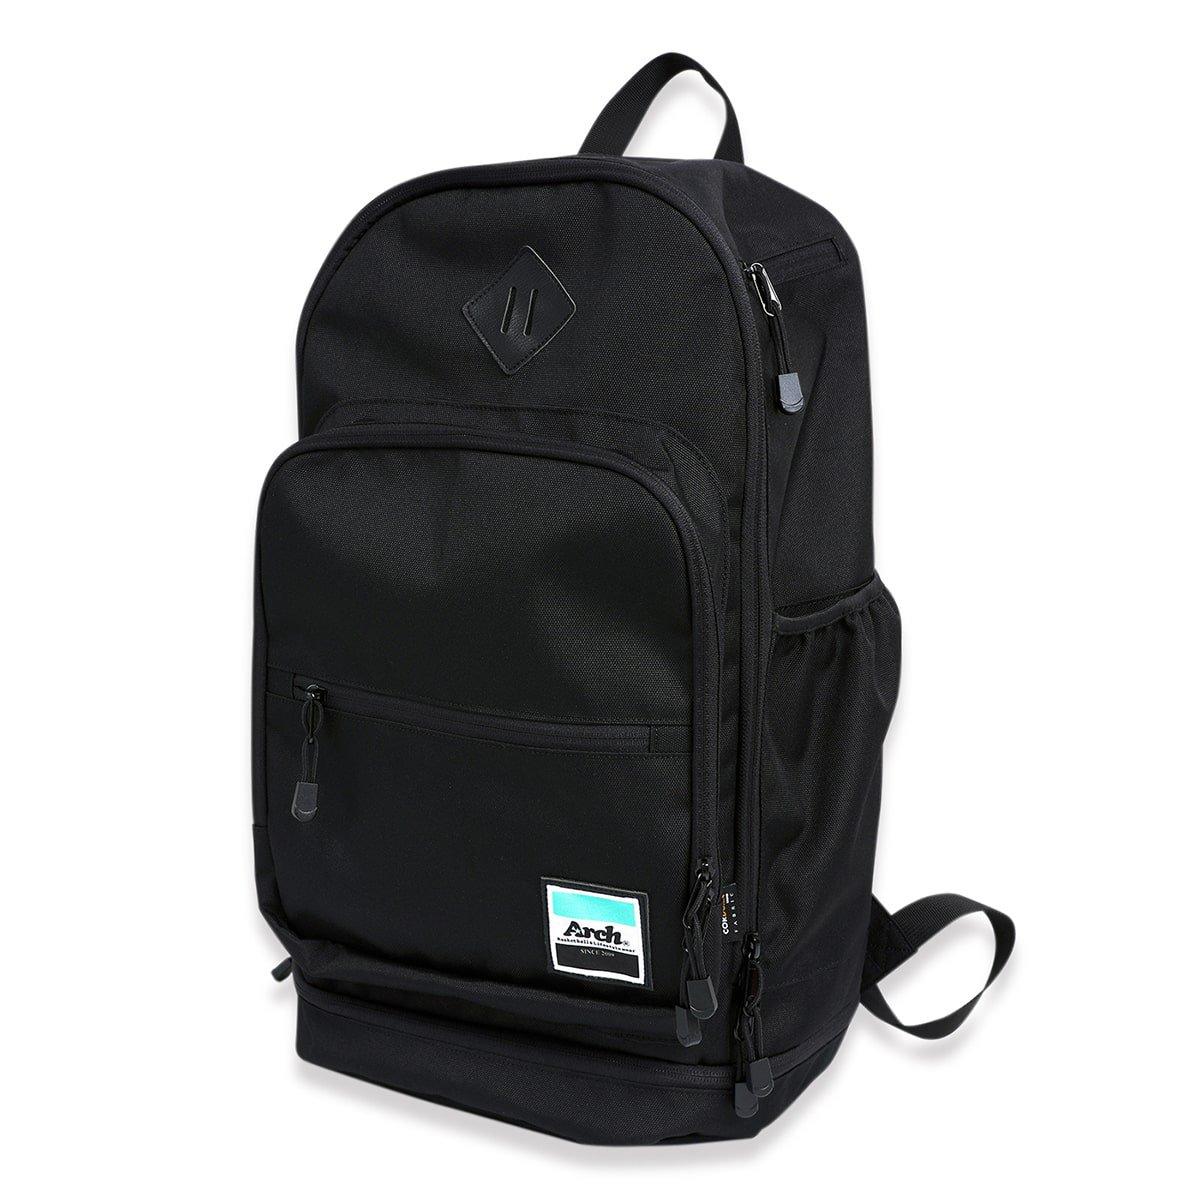 workout backpack【black/mint】